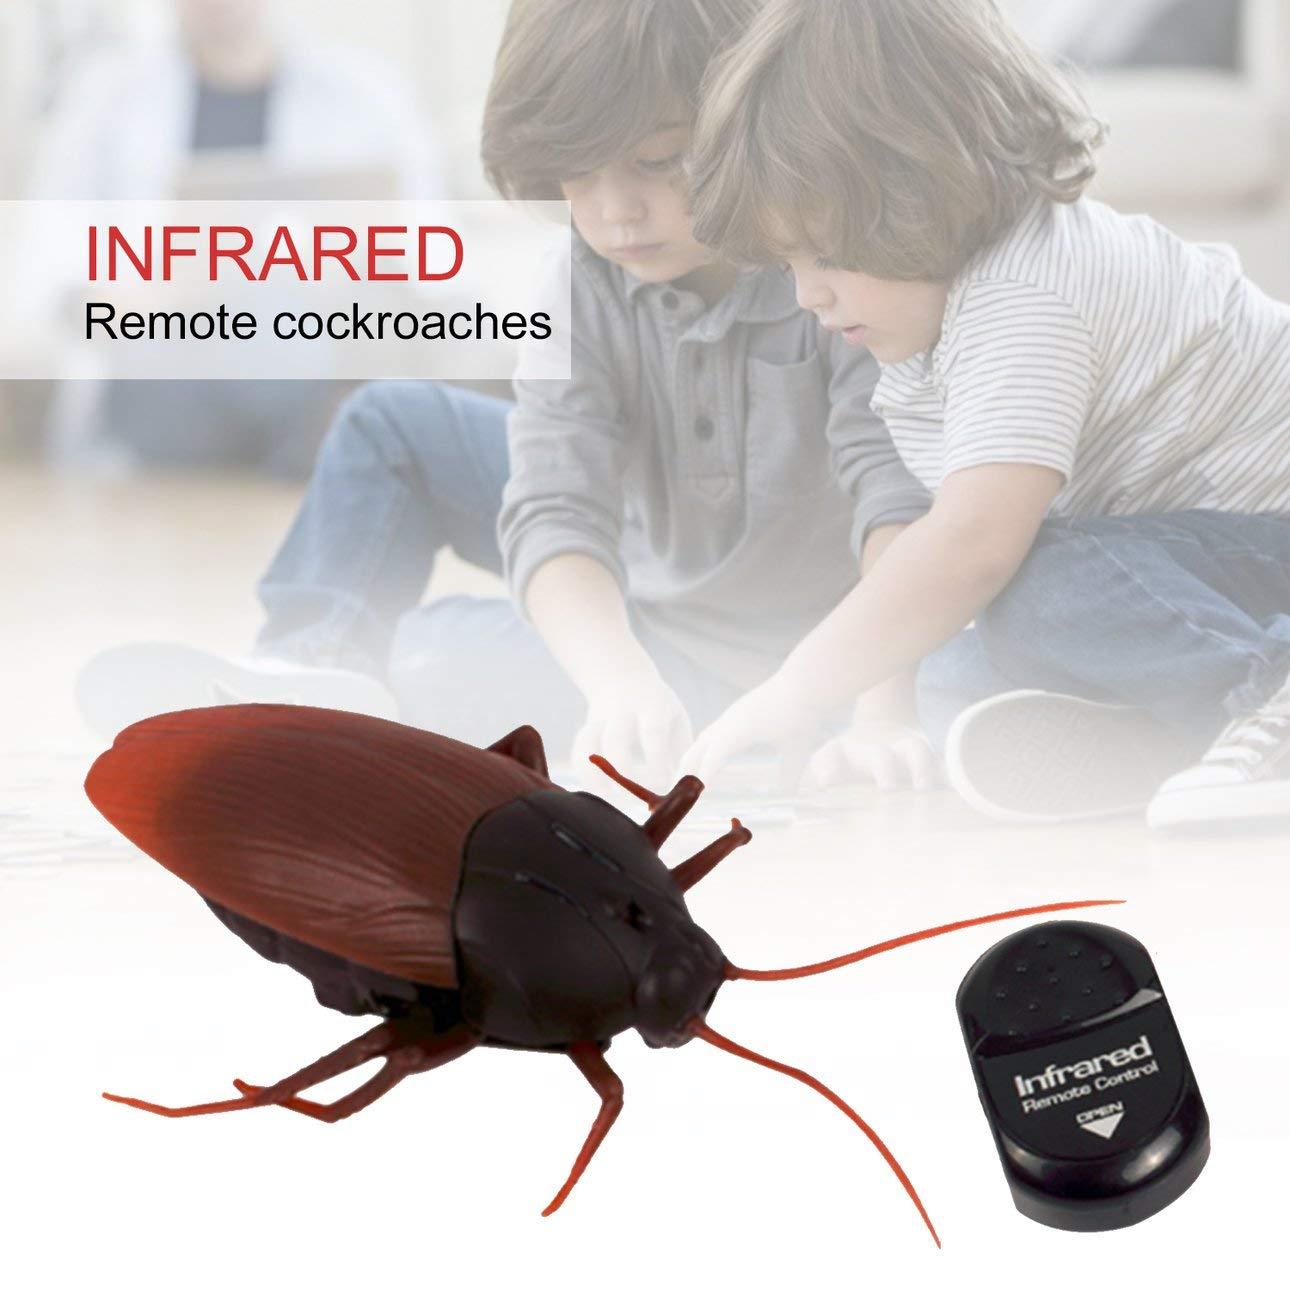 Banbie8409 Alimentato a Batteria di plastica Divertente Simulazione Spaventosi Creepy Scarafaggio infrarossi Giocattoli Telecomando Spaventosi Giocattoli per Bambini